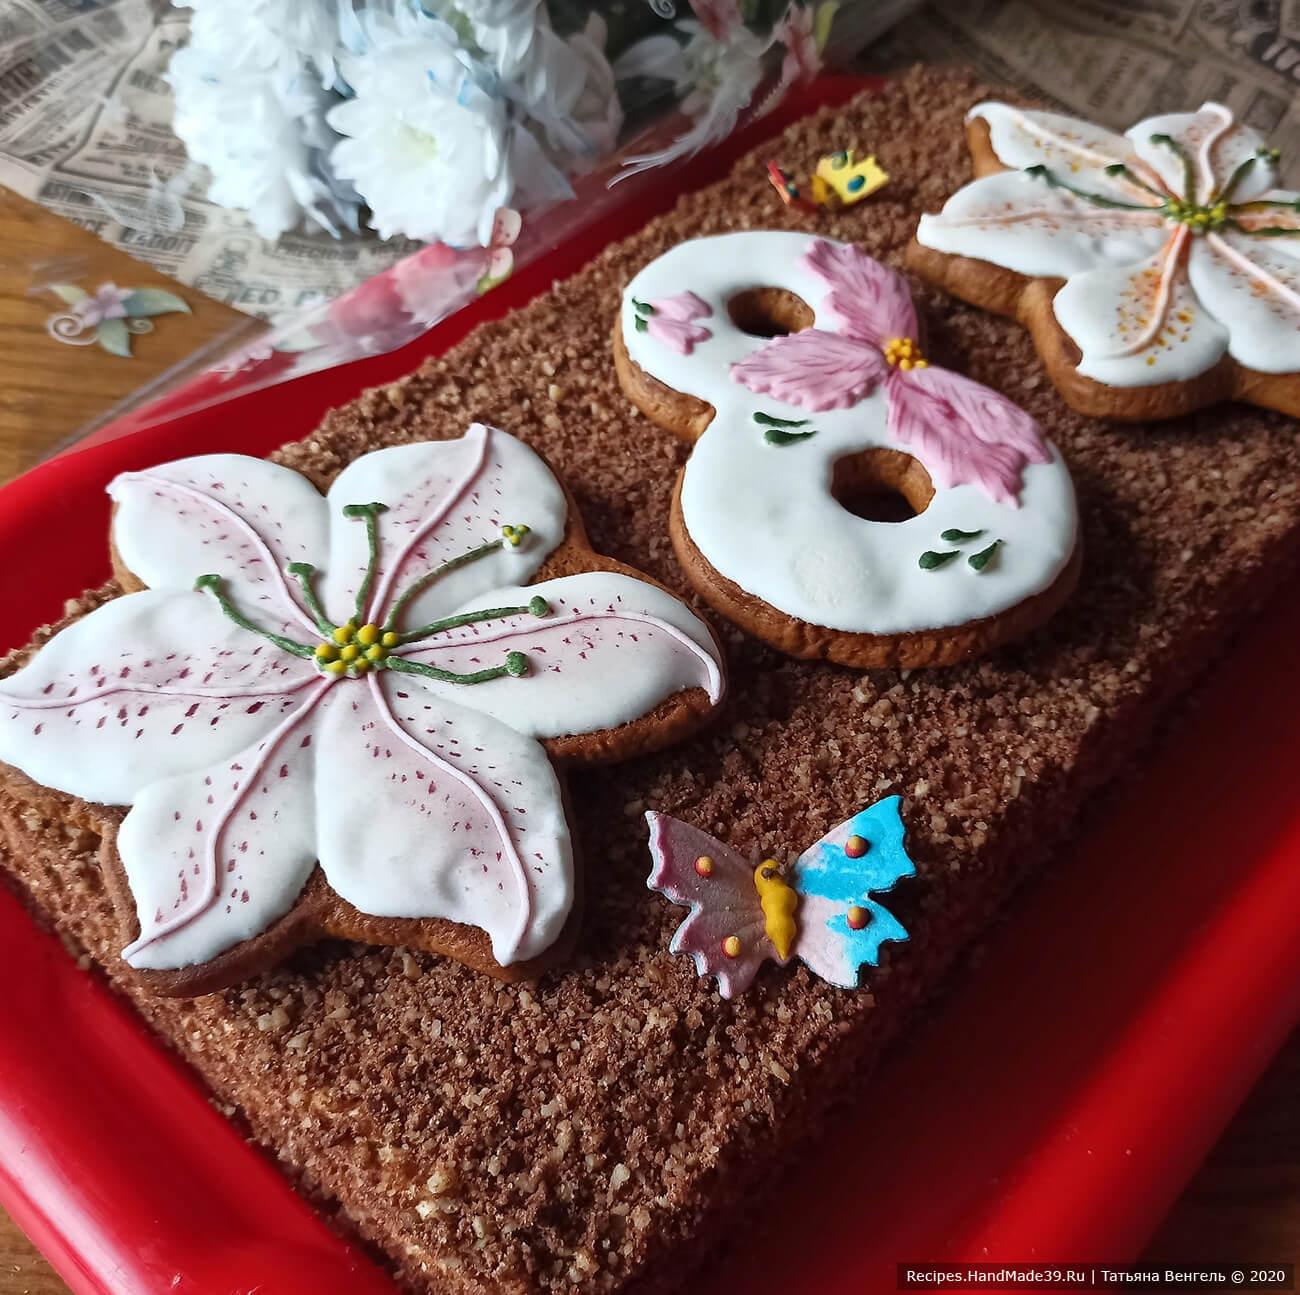 Шоколадный торт медовик «Спартак» без раскатки коржей – пошаговый рецепт с фото